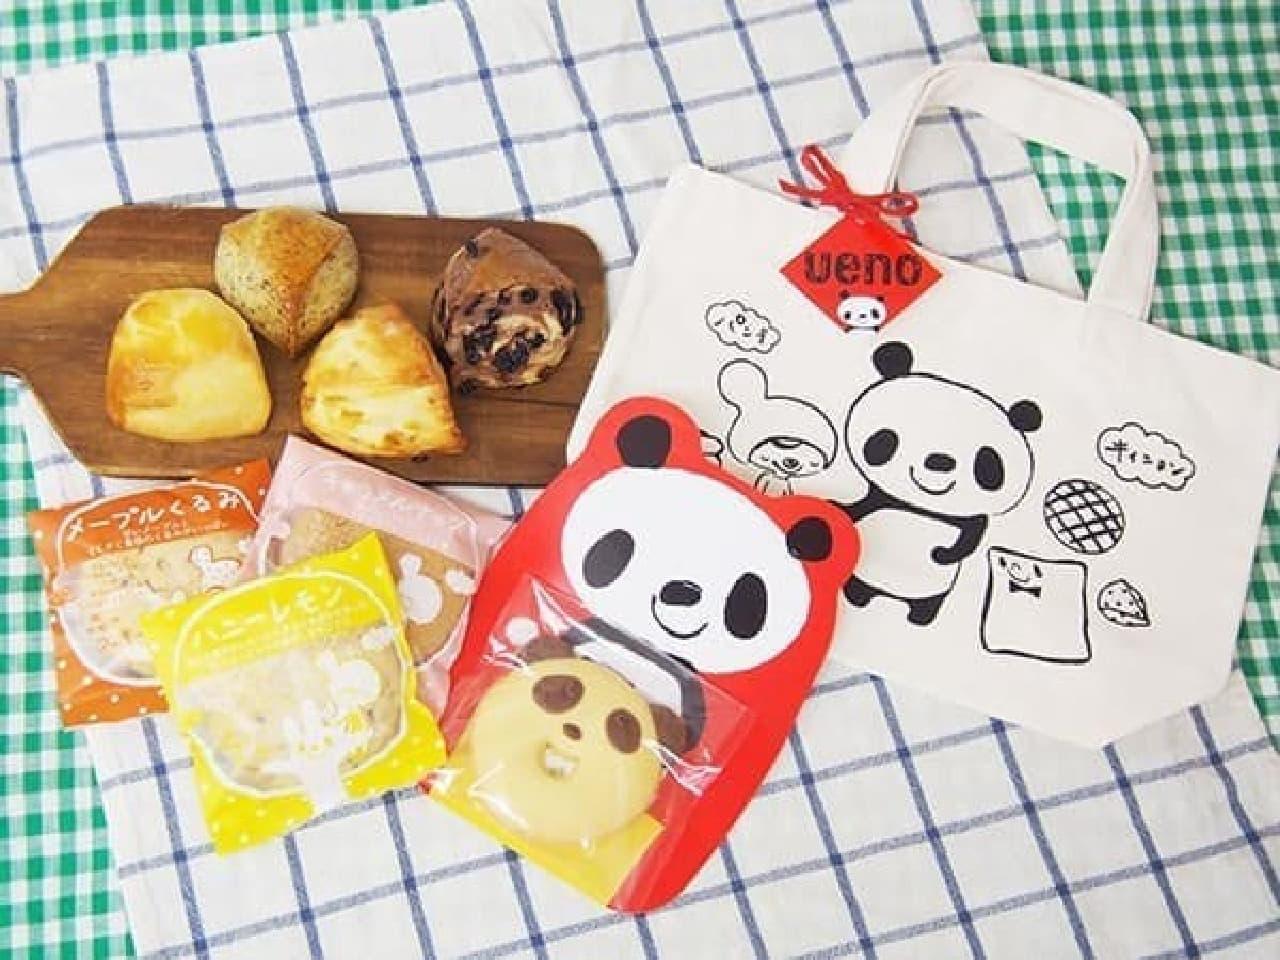 キィニョンエキュート上野店の「シャンシャンと一緒 スコーン・焼き菓子手みやげbag」